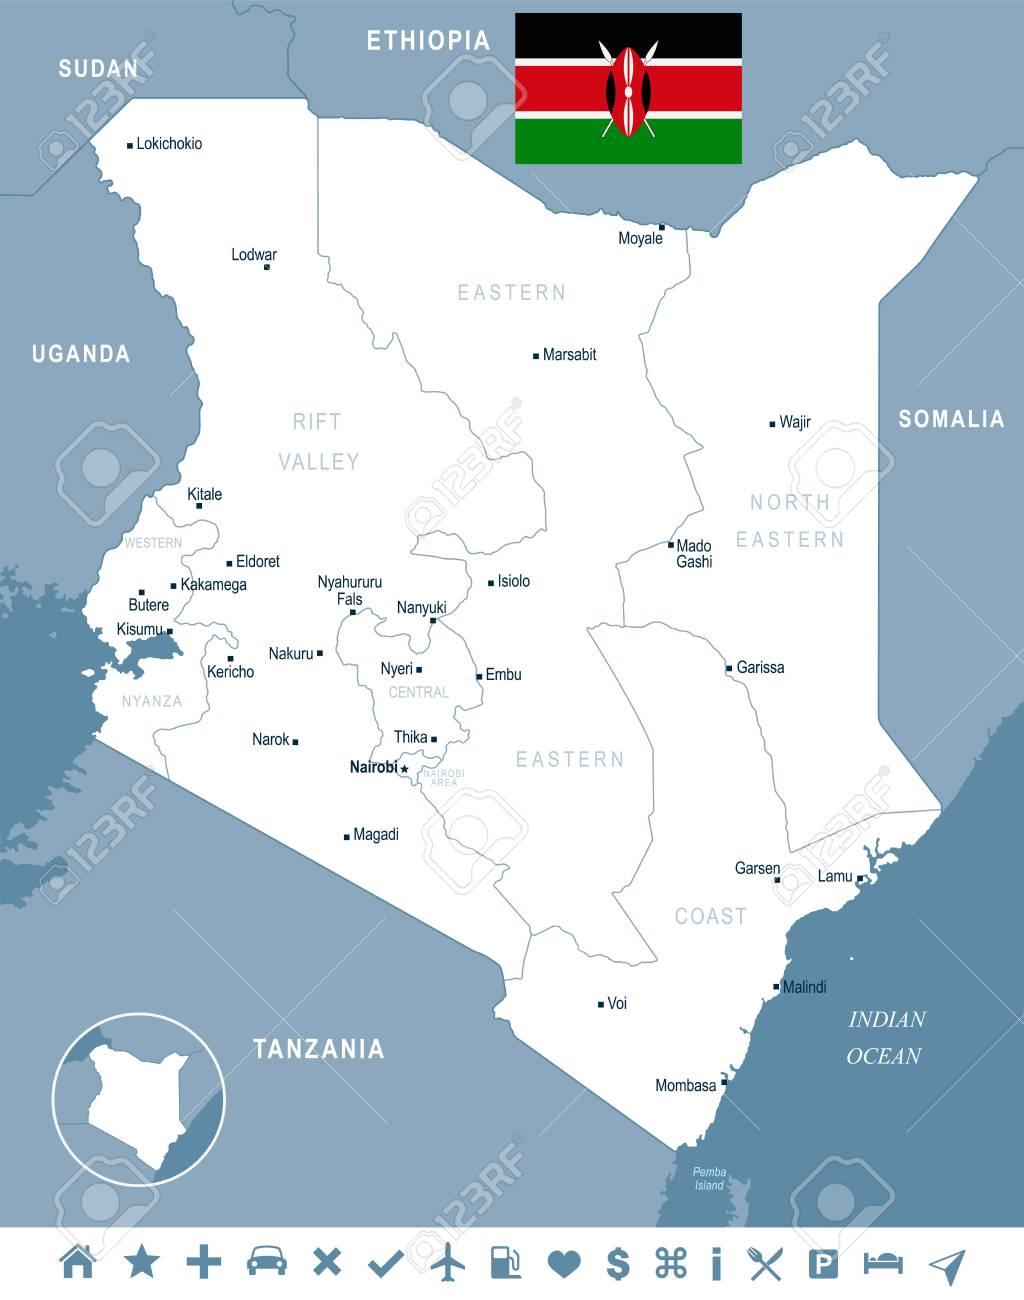 Mapa De Kenia Y Bandera Alta Ilustracion Vectorial Detallada